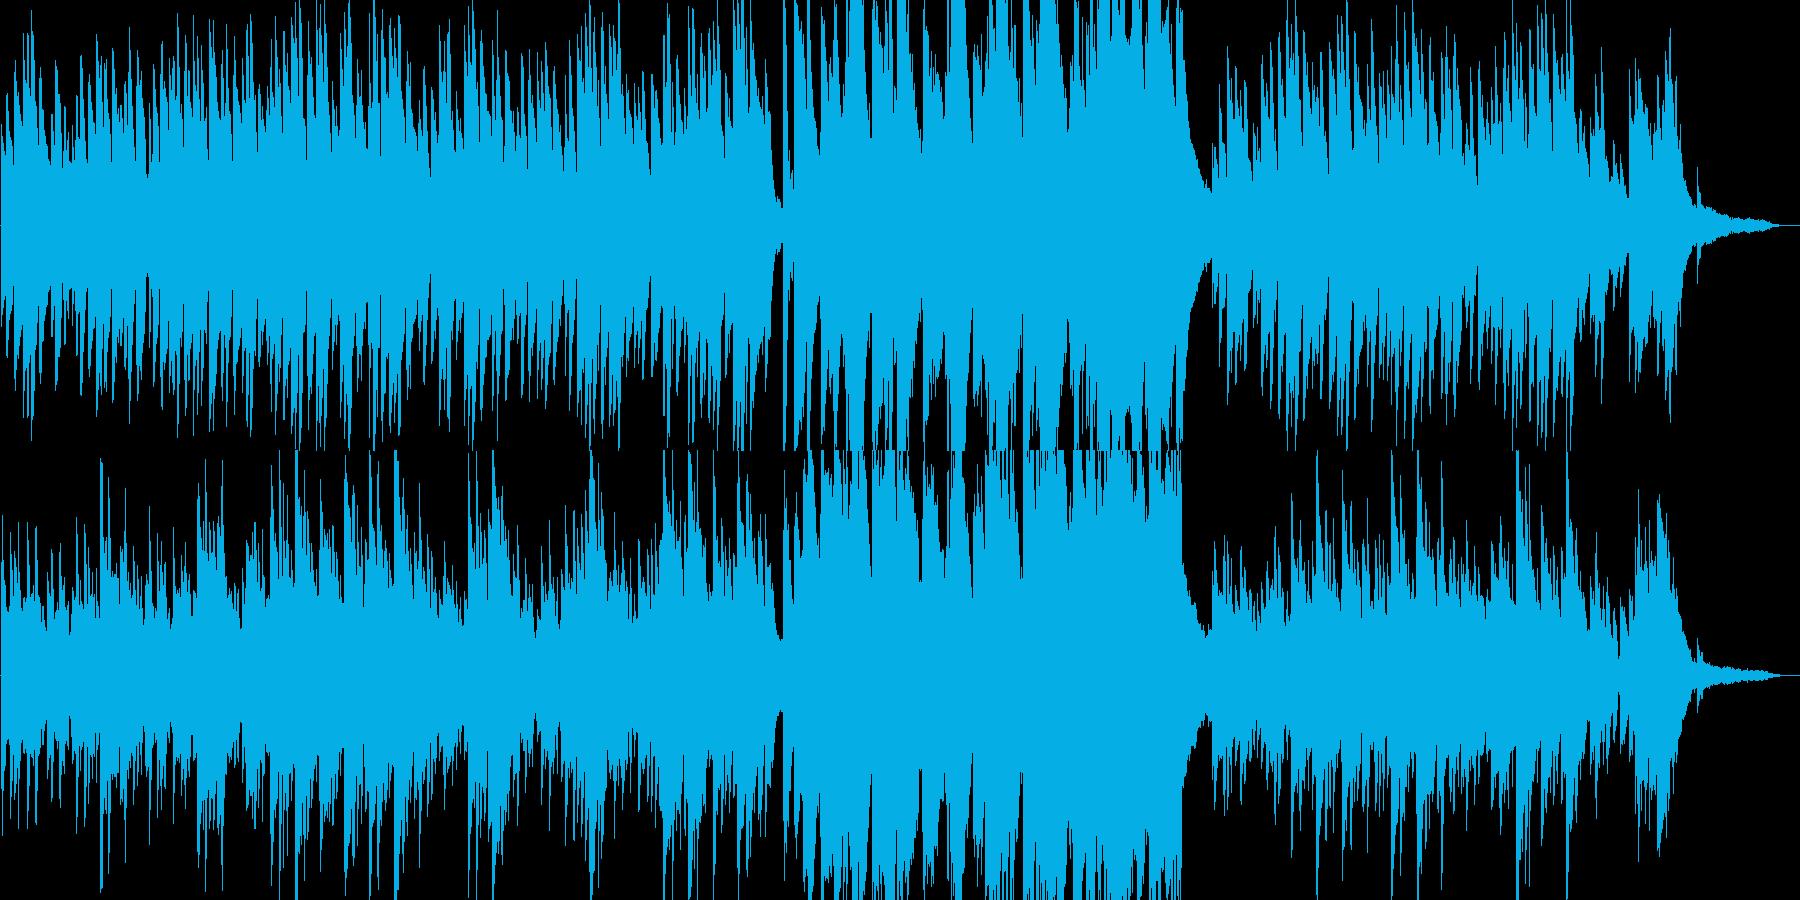 これから何かが始まるような予感のピアノの再生済みの波形